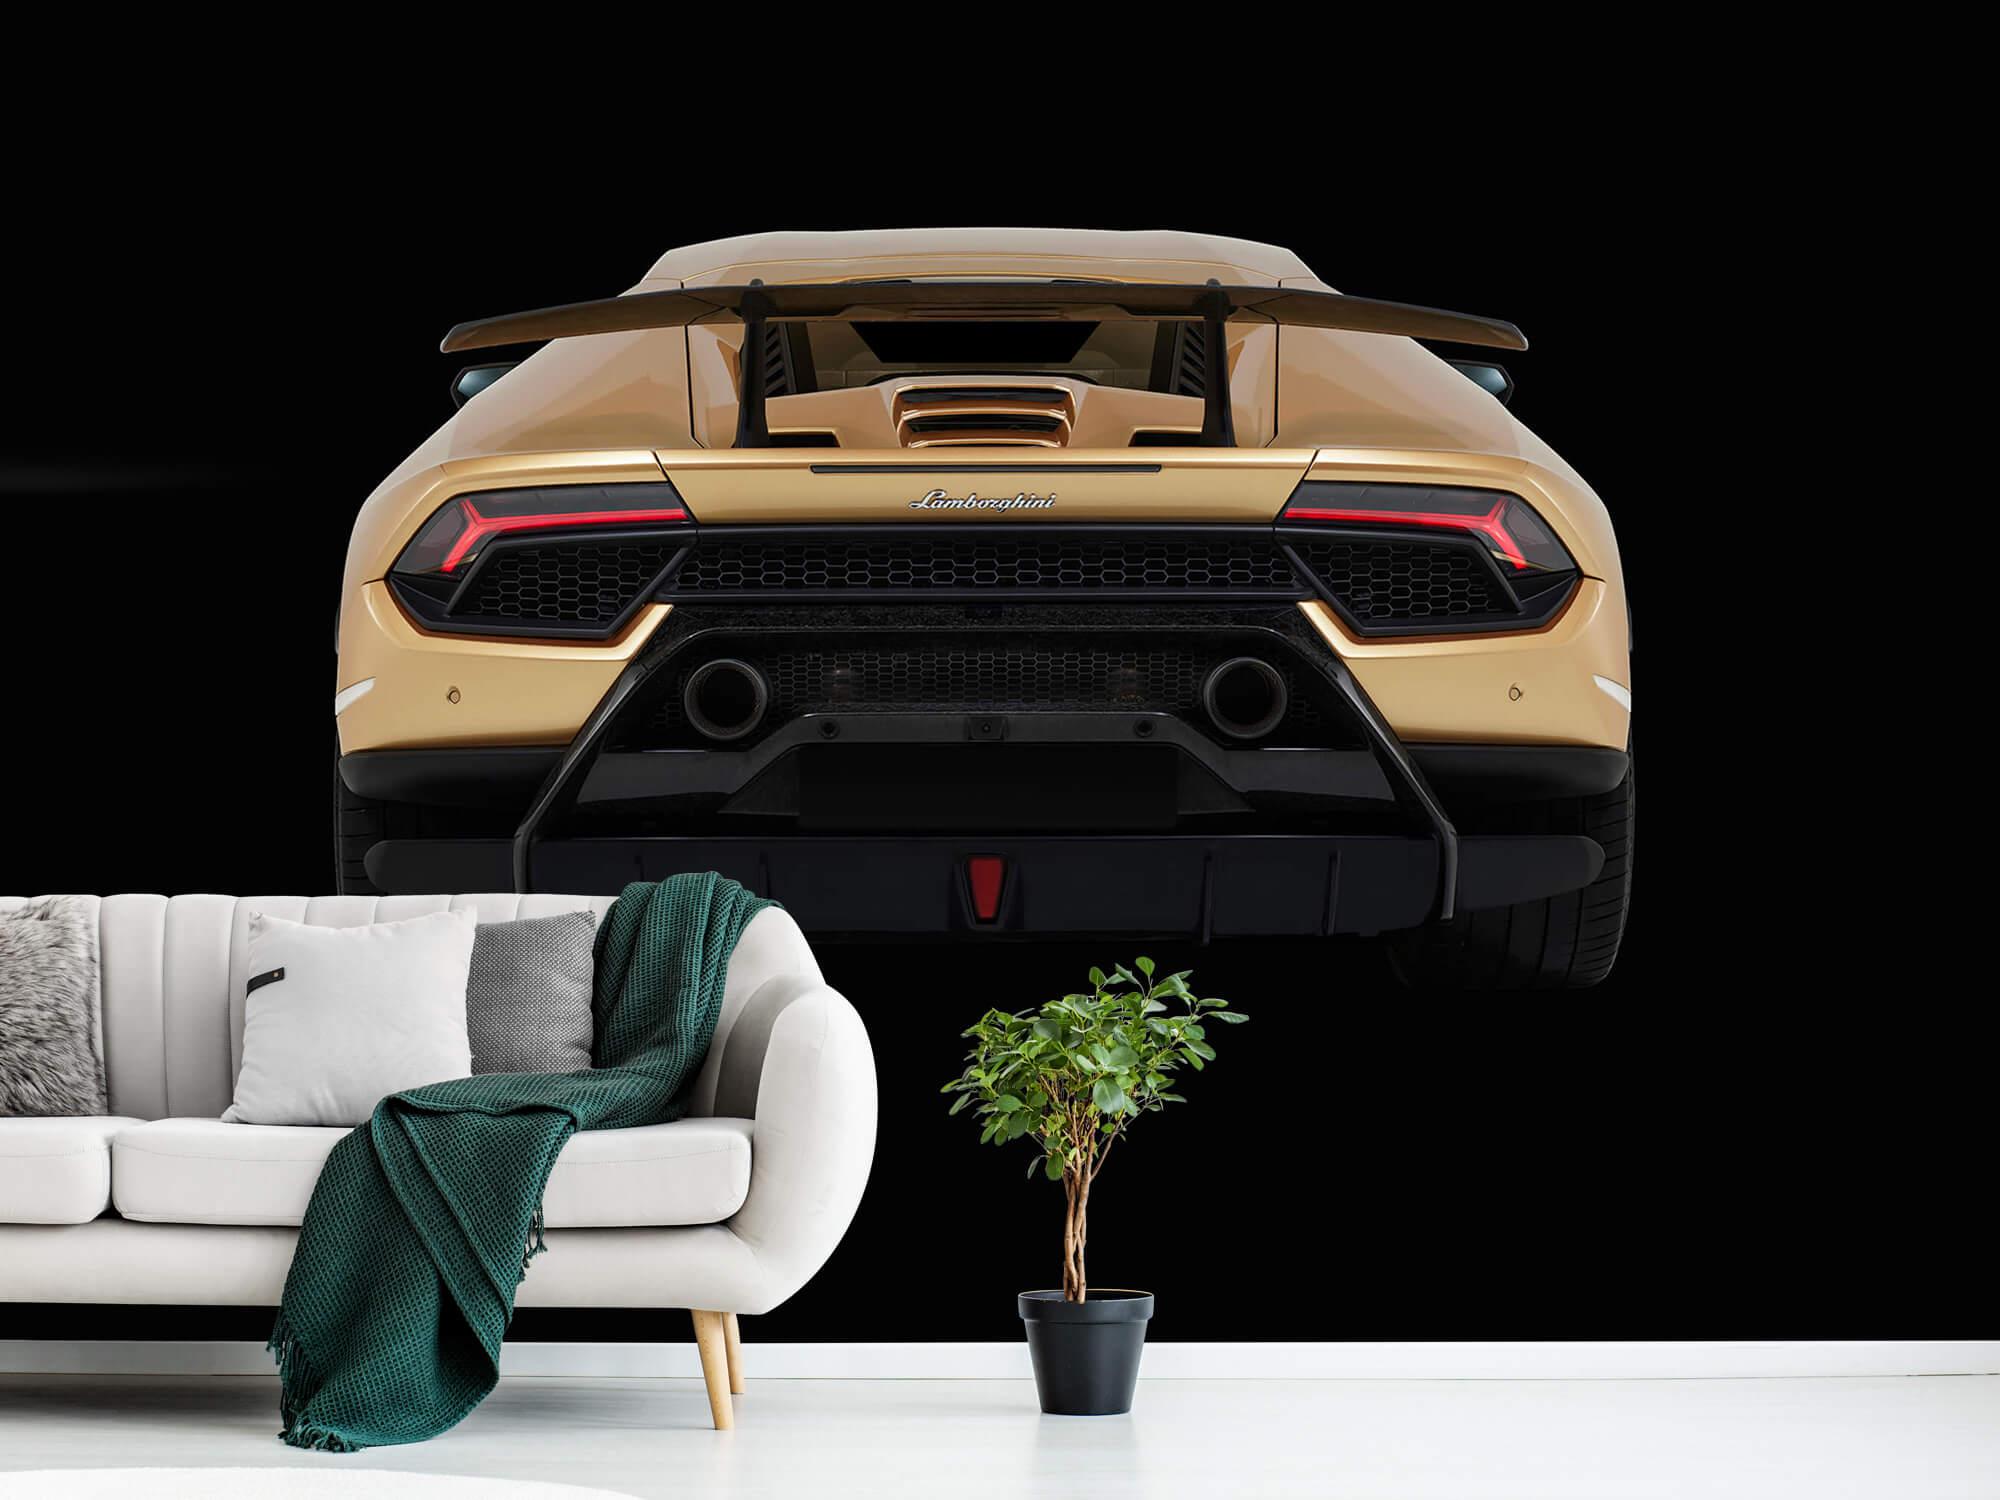 Wallpaper Lamborghini Huracán - Bak, svart 12